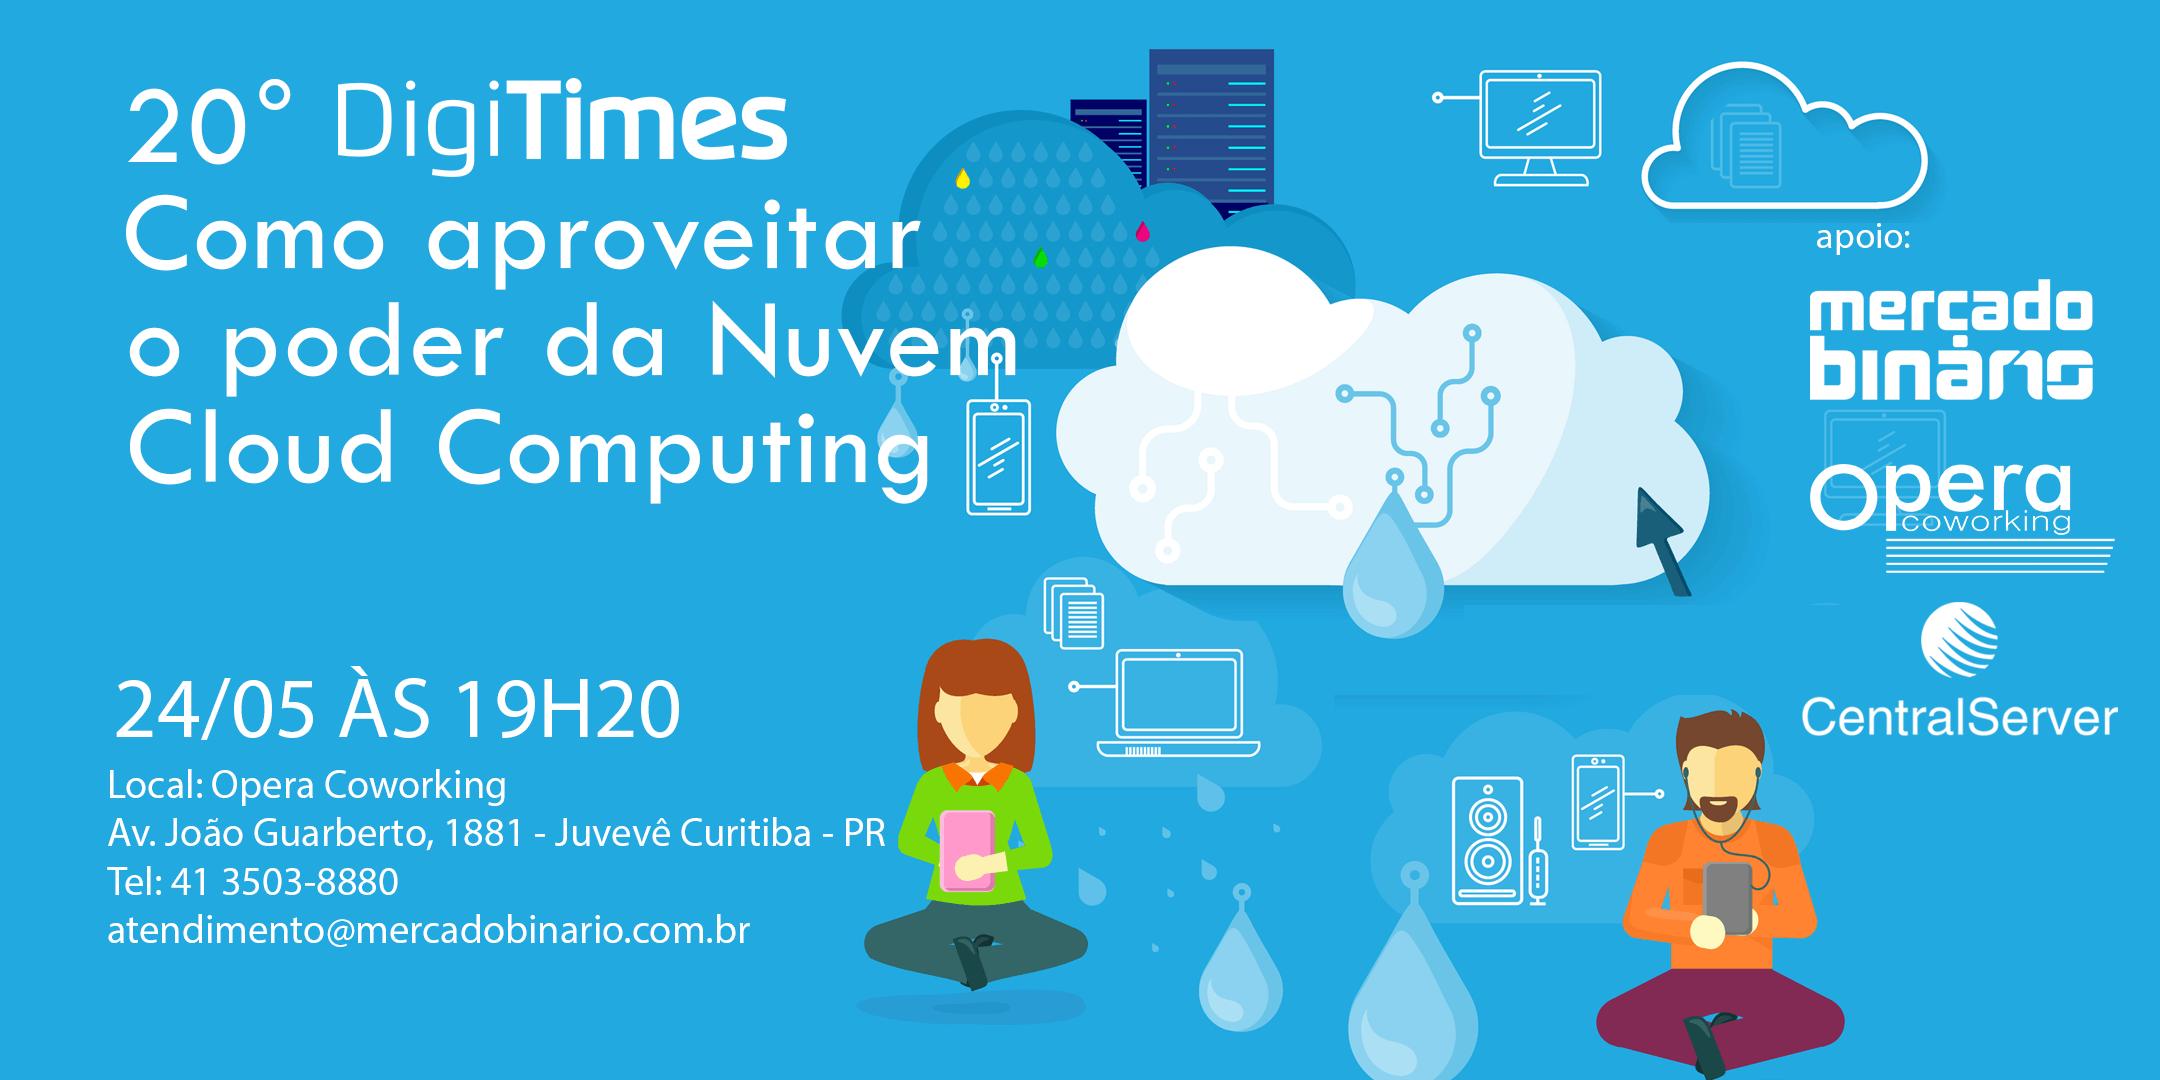 Digitimes_20-Mercado Binário-Centra Server-Workshop-Curitiba-Cloud-Computing